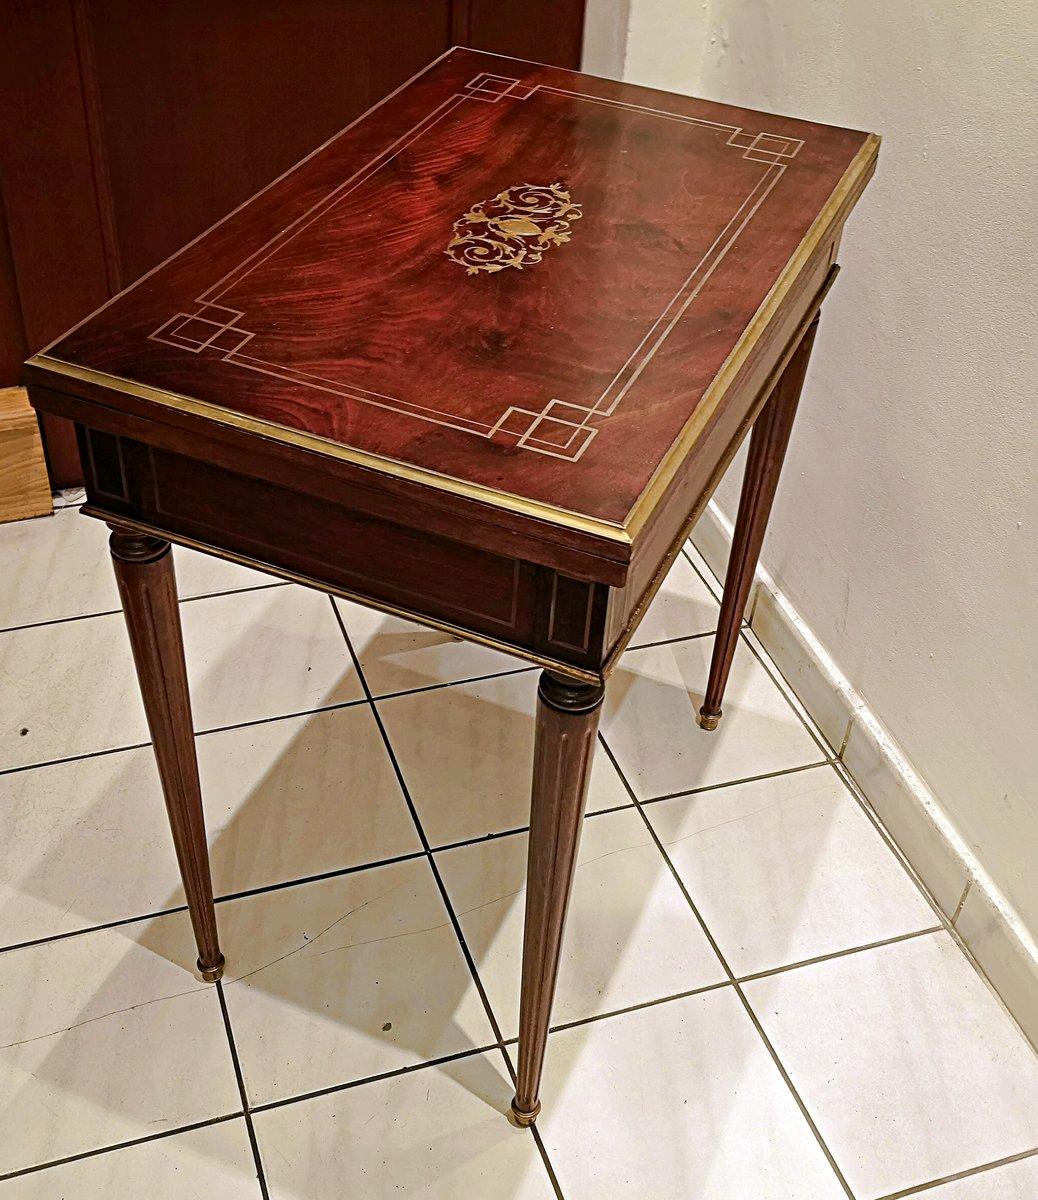 Tavolo da gioco antico in mogano in vendita su pamono - Gioco da tavolo violetta ...